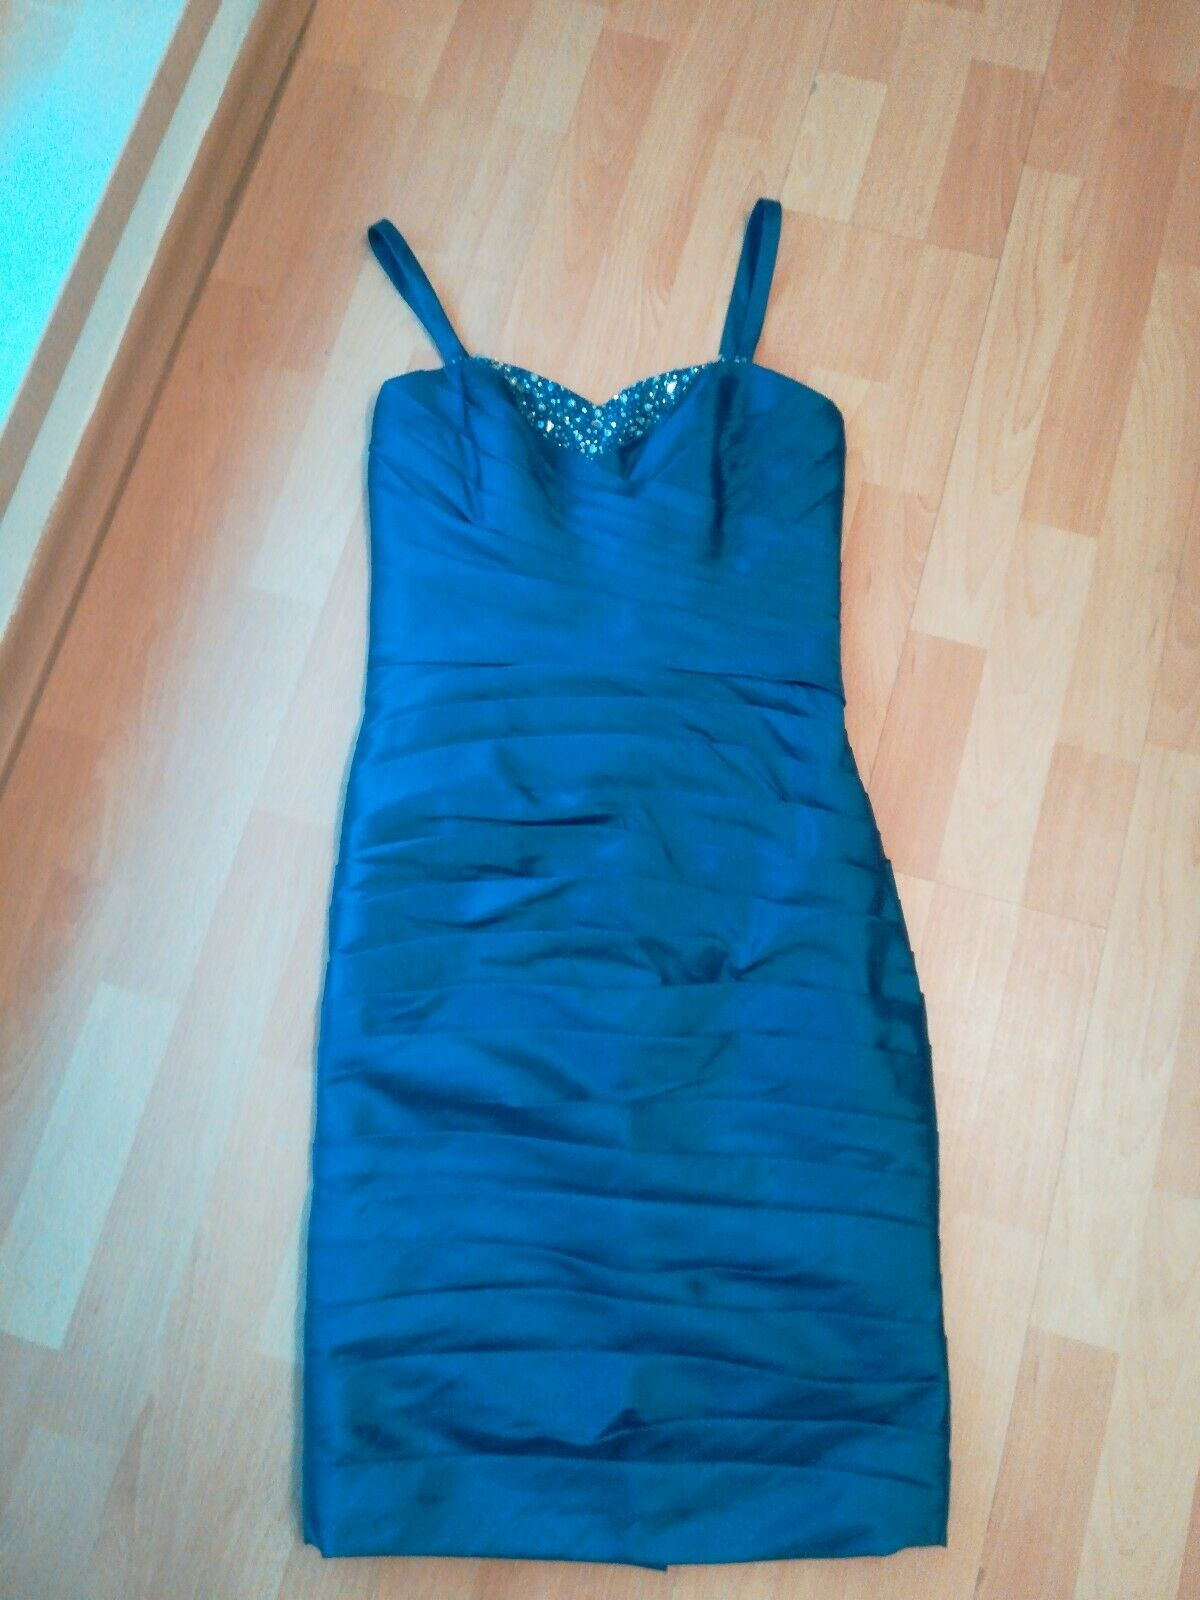 Damen Partykleid Abendkleid Ballkleid Cocktailkleid  Kleider neu G-B-31